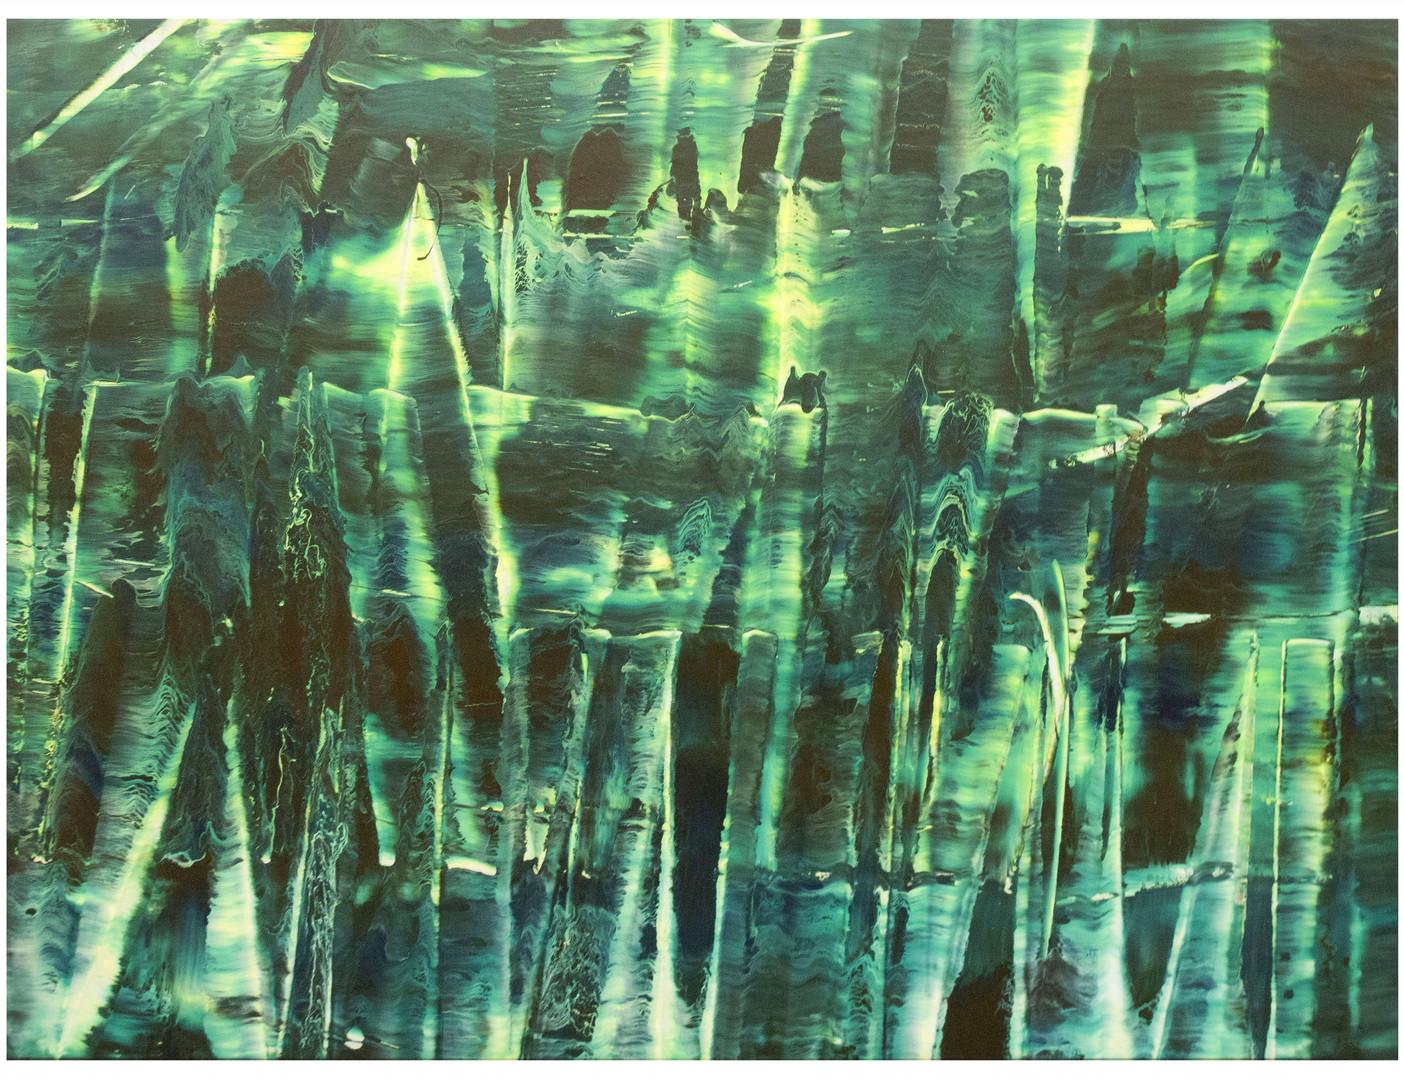 Singularité verte - Première époque - 60F01. 130 x 97 cm. Peinture acrylique.